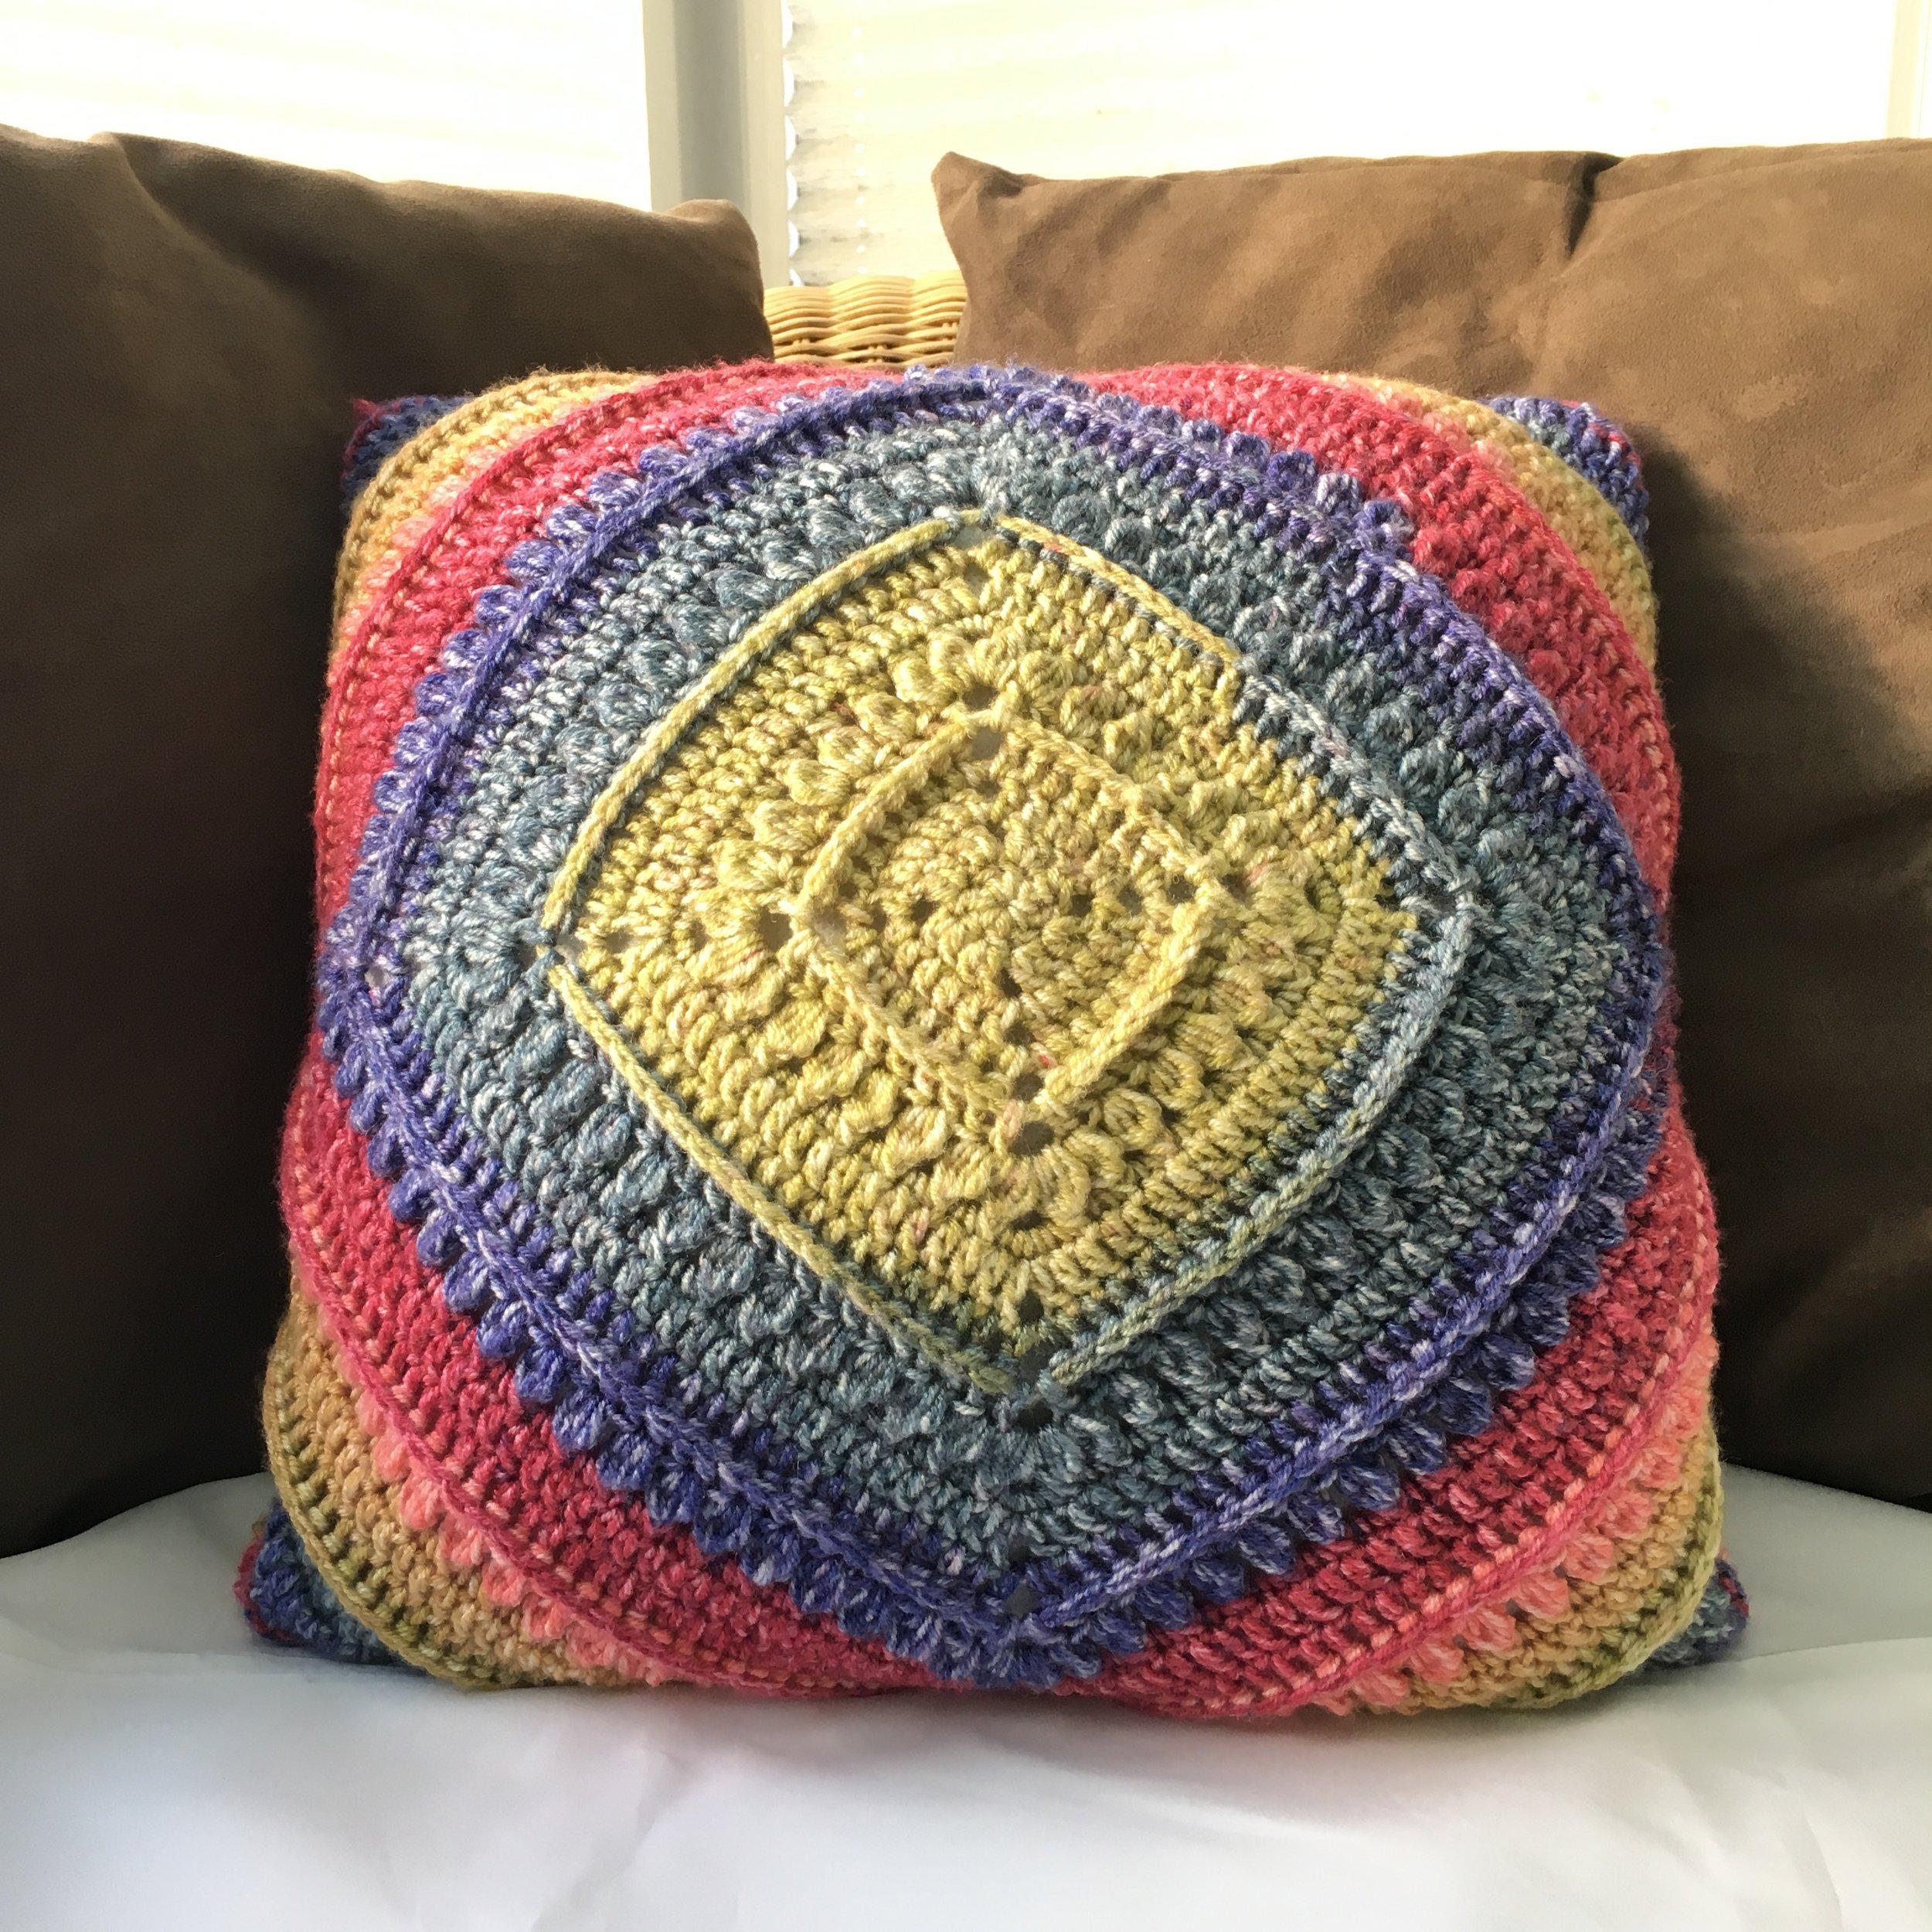 Canewdon Cushion